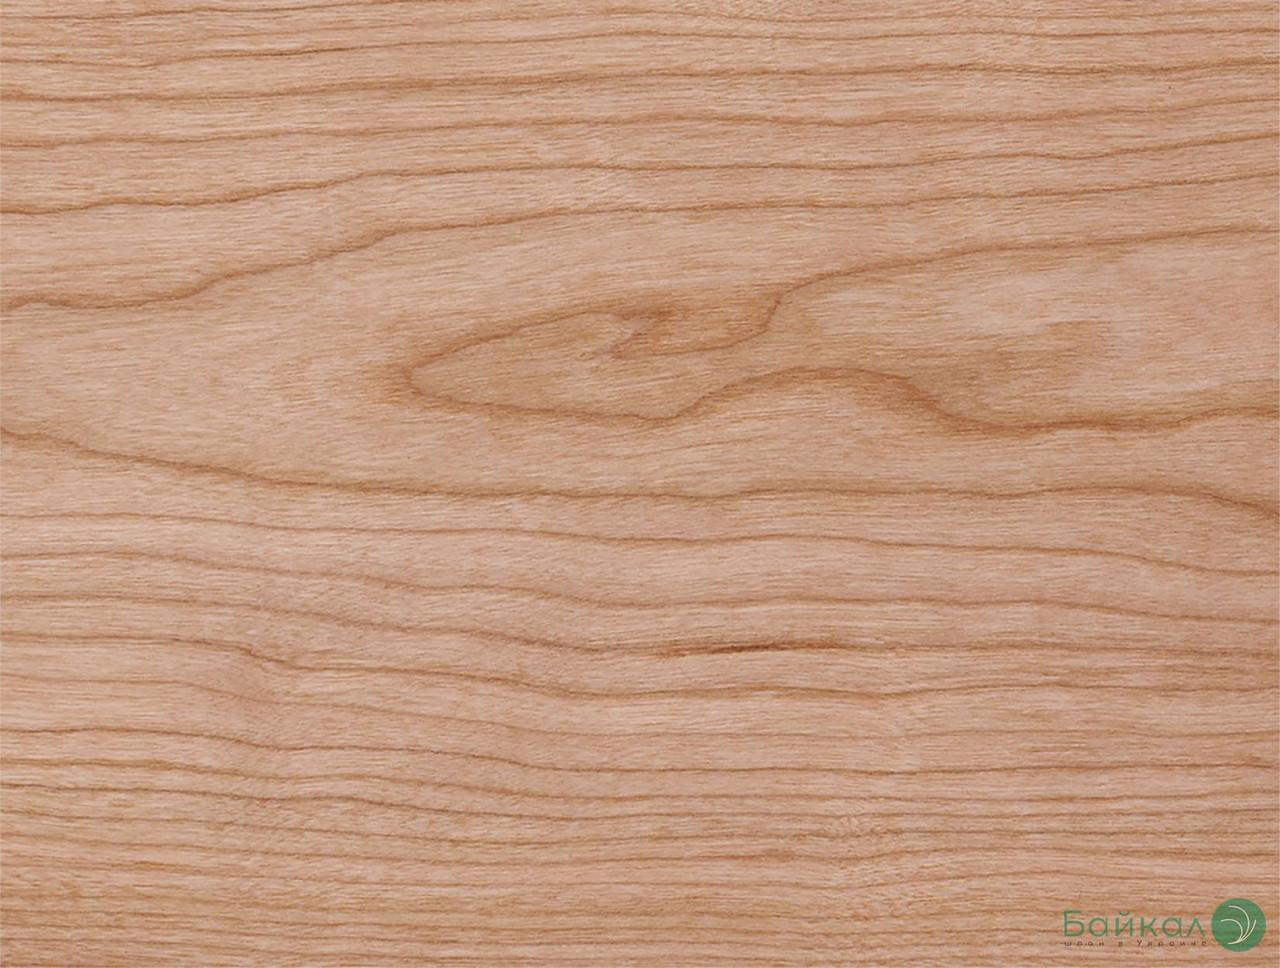 Пиляный шпон Черешня (ламель) 2,5 мм  I сорт - 2,10м+/10 см+